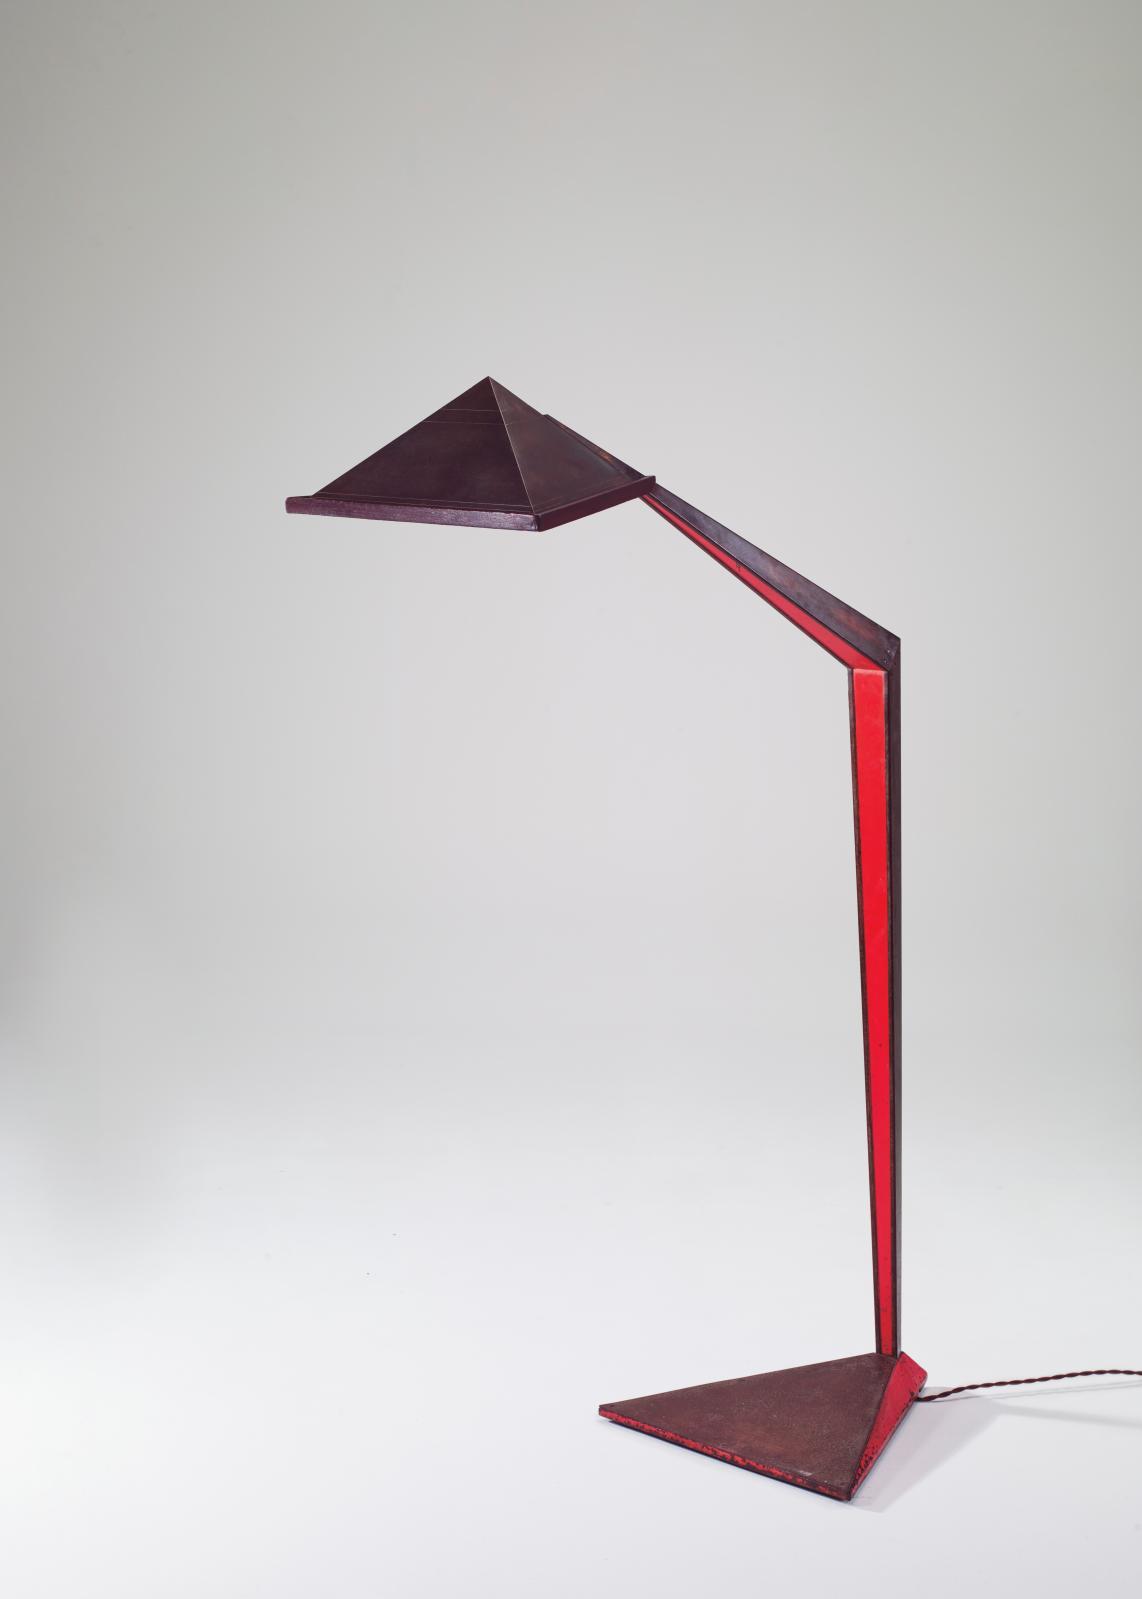 John Lautner, lampadaire en acier patiné et laqué rouge, réflecteur en laiton créé en deux exemplaires pour la George D. Sturges Residence